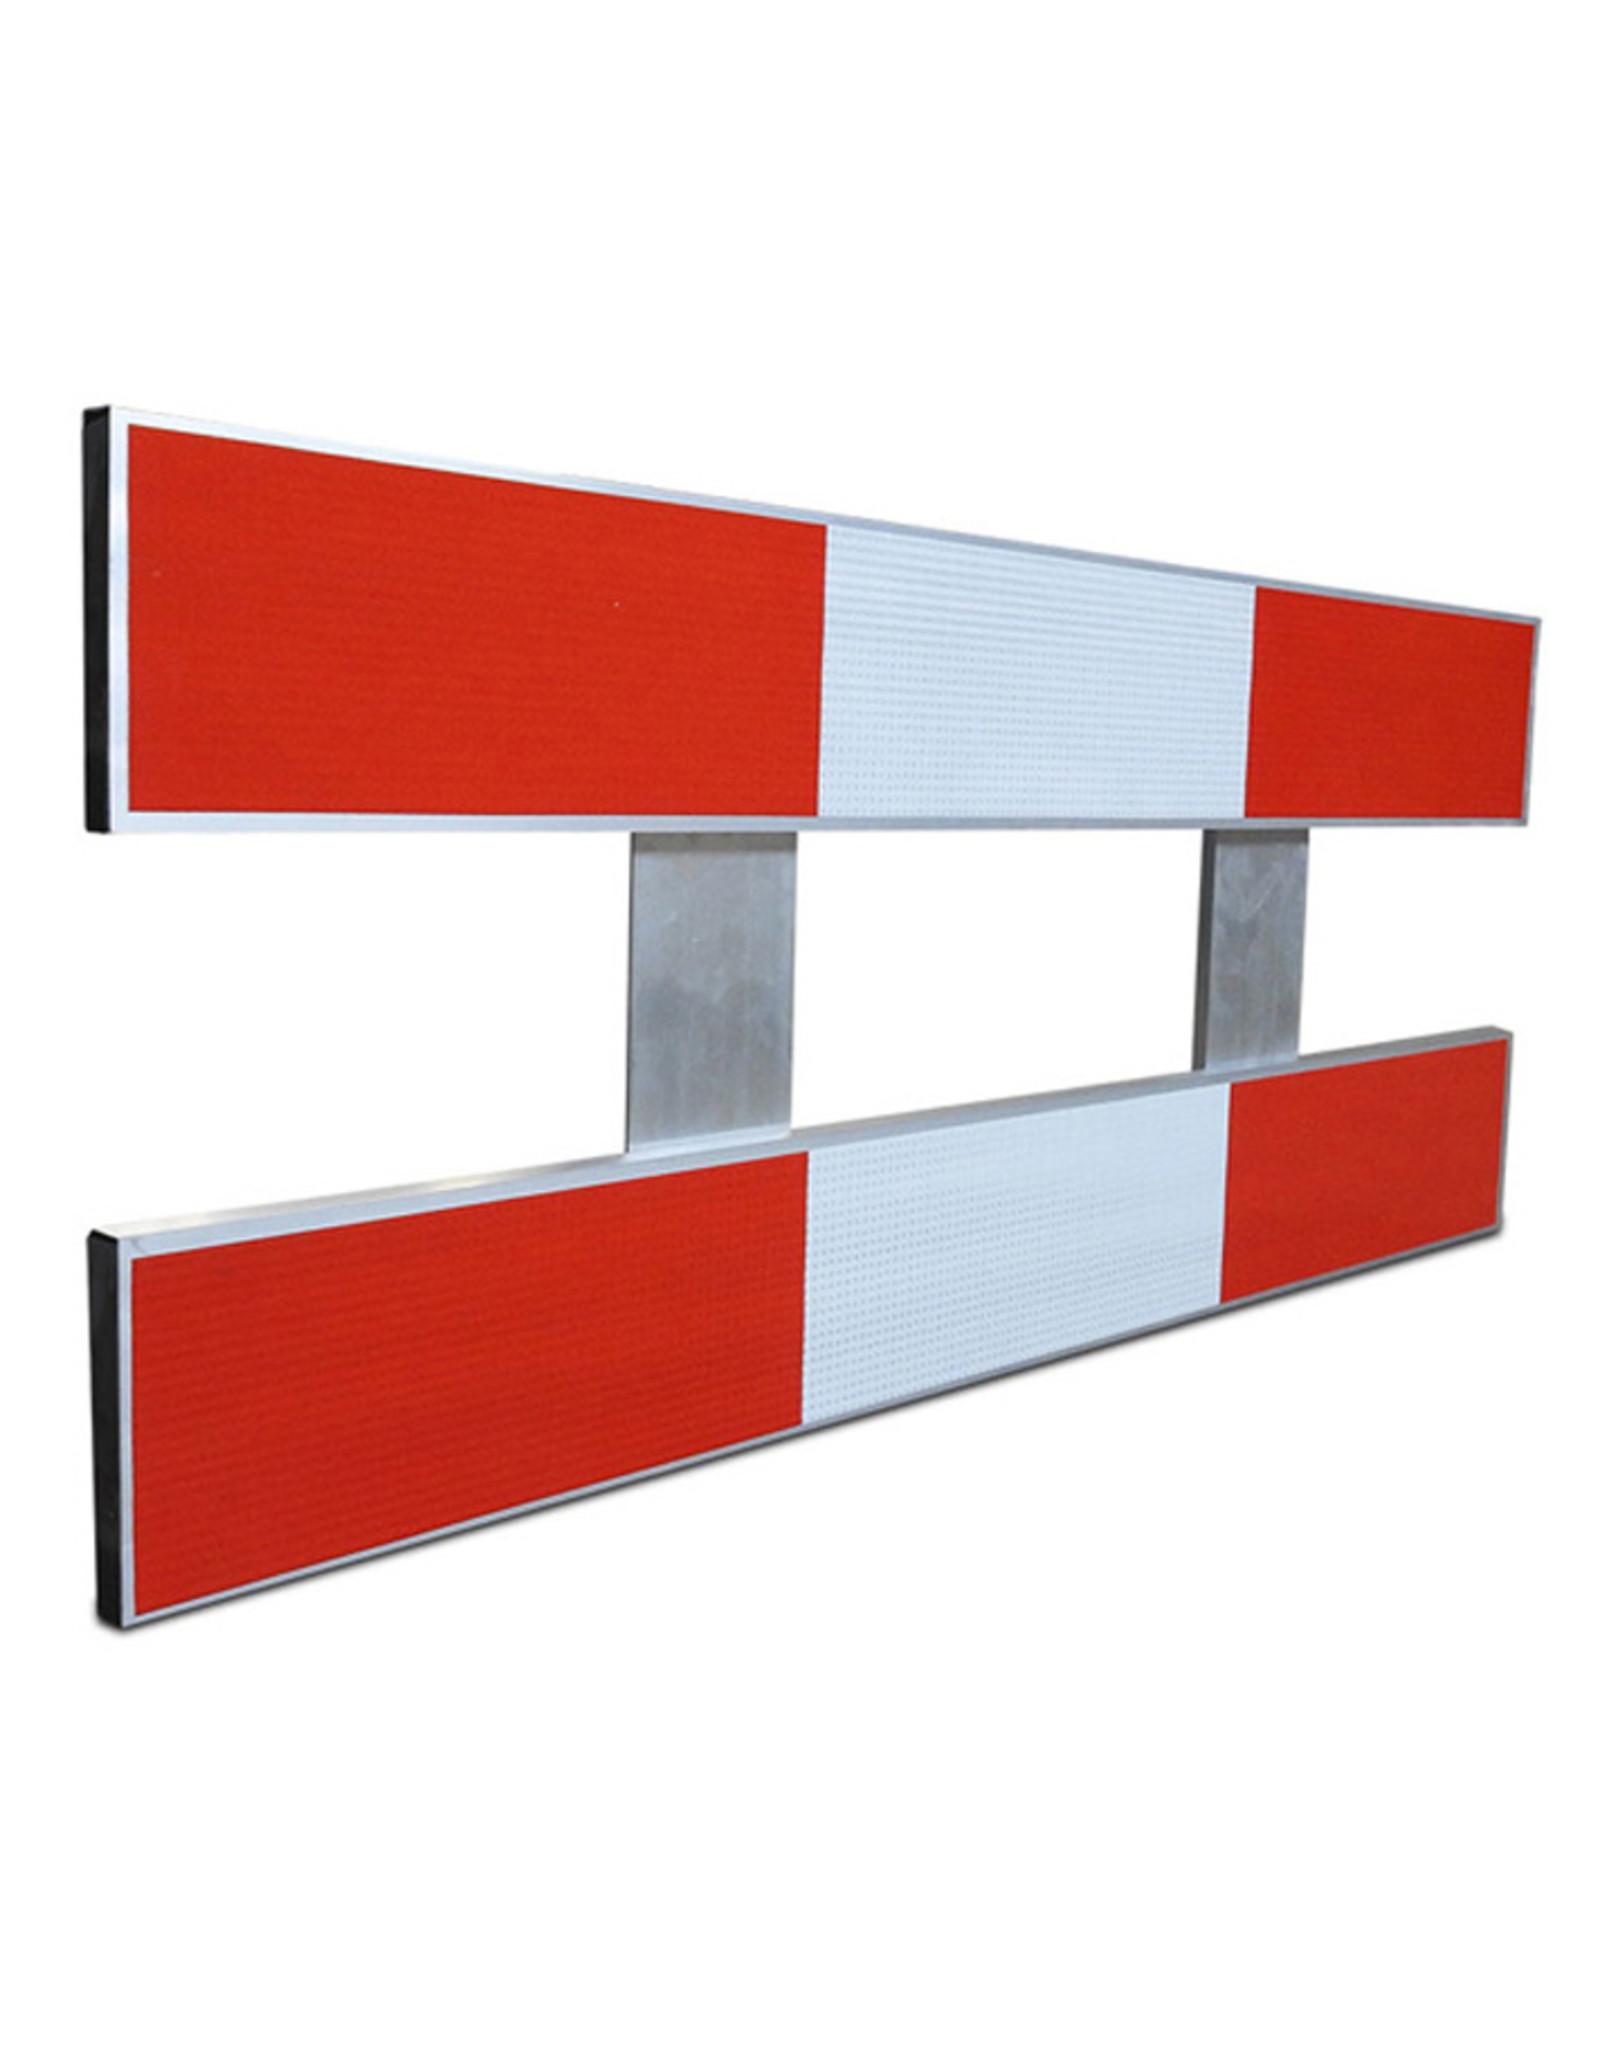 Ri-Traffic | Aluminium Schrikhek 150 cm (Dubbelzijdige Reflectie)